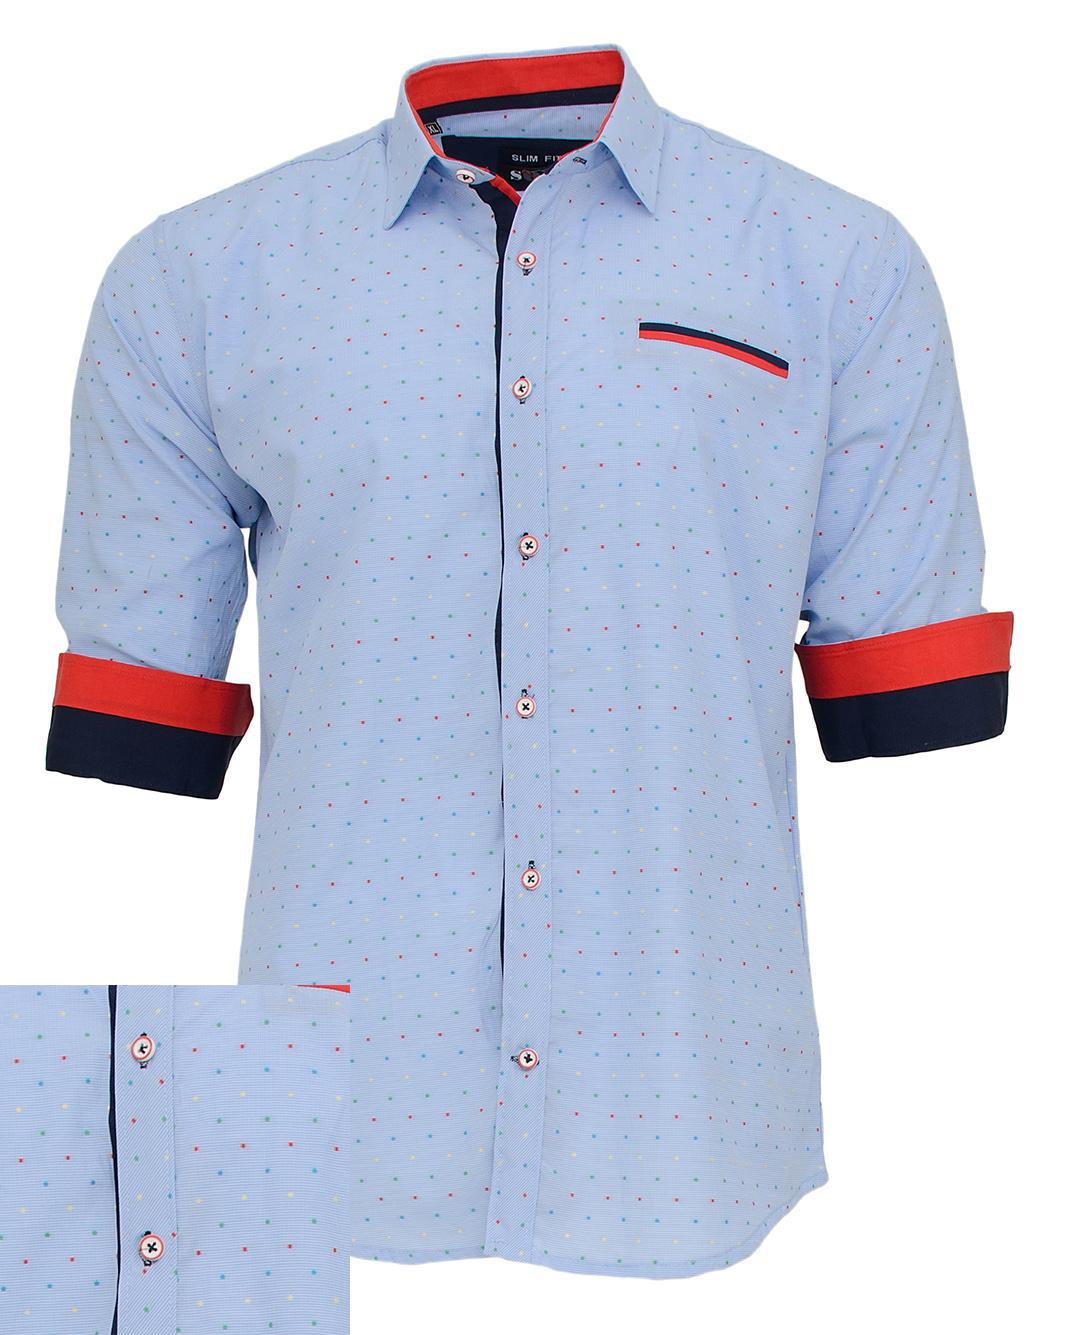 Ανδρικό Πουκάμισο So Fashion Ciel Poua-Σιέλ αρχική ανδρικά ρούχα πουκάμισα